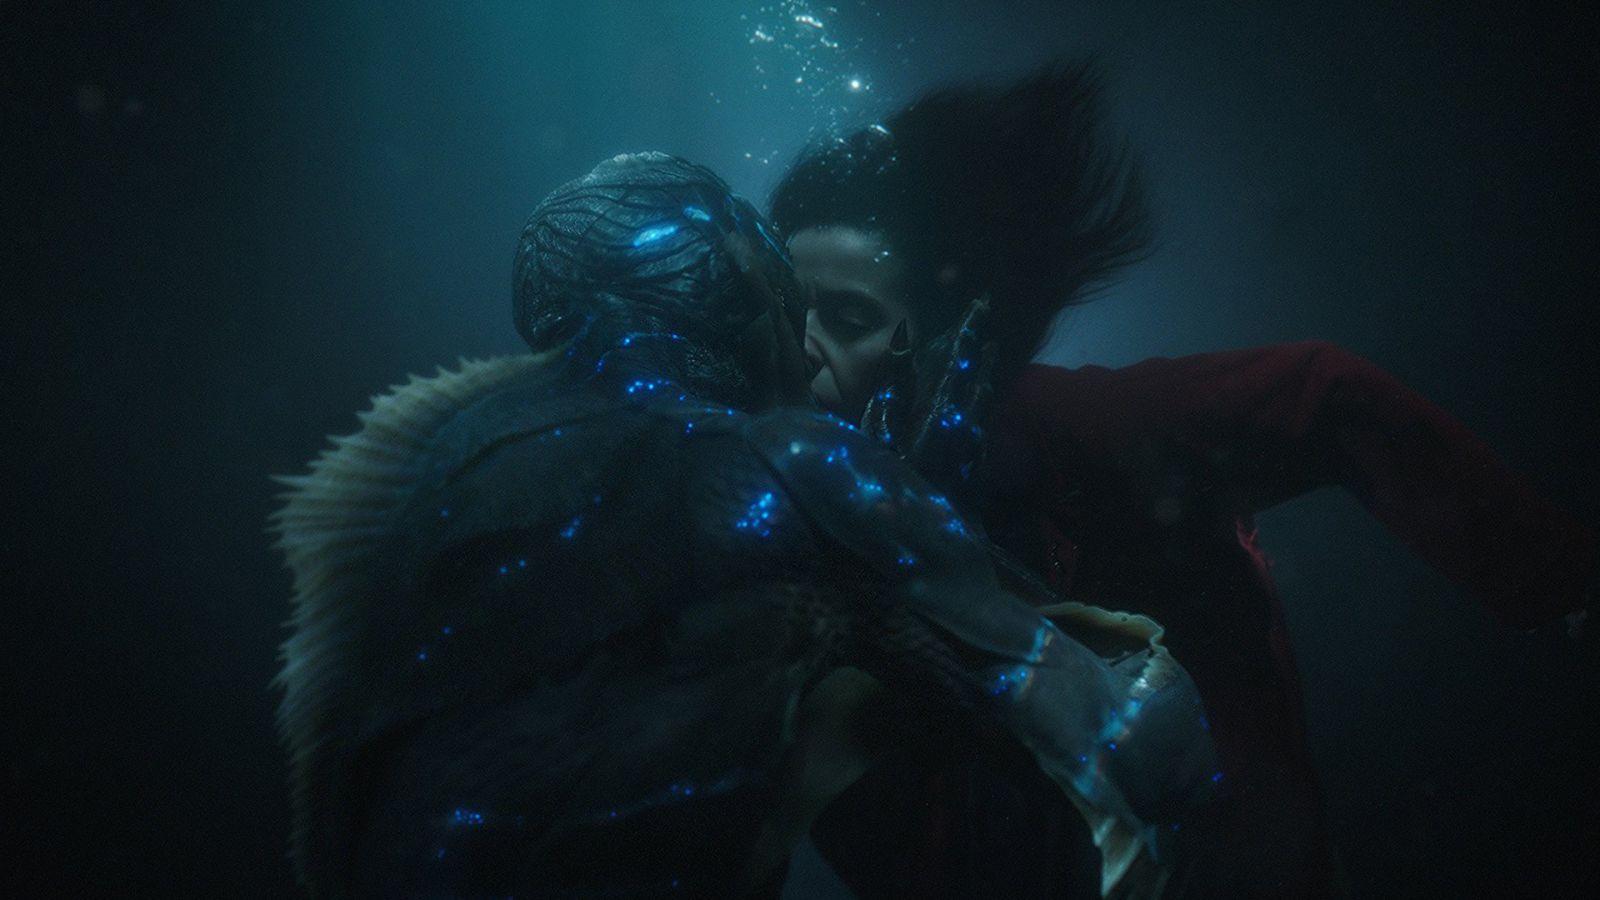 Фильмы с сексом в воде, фото женских бритых лобков крупно